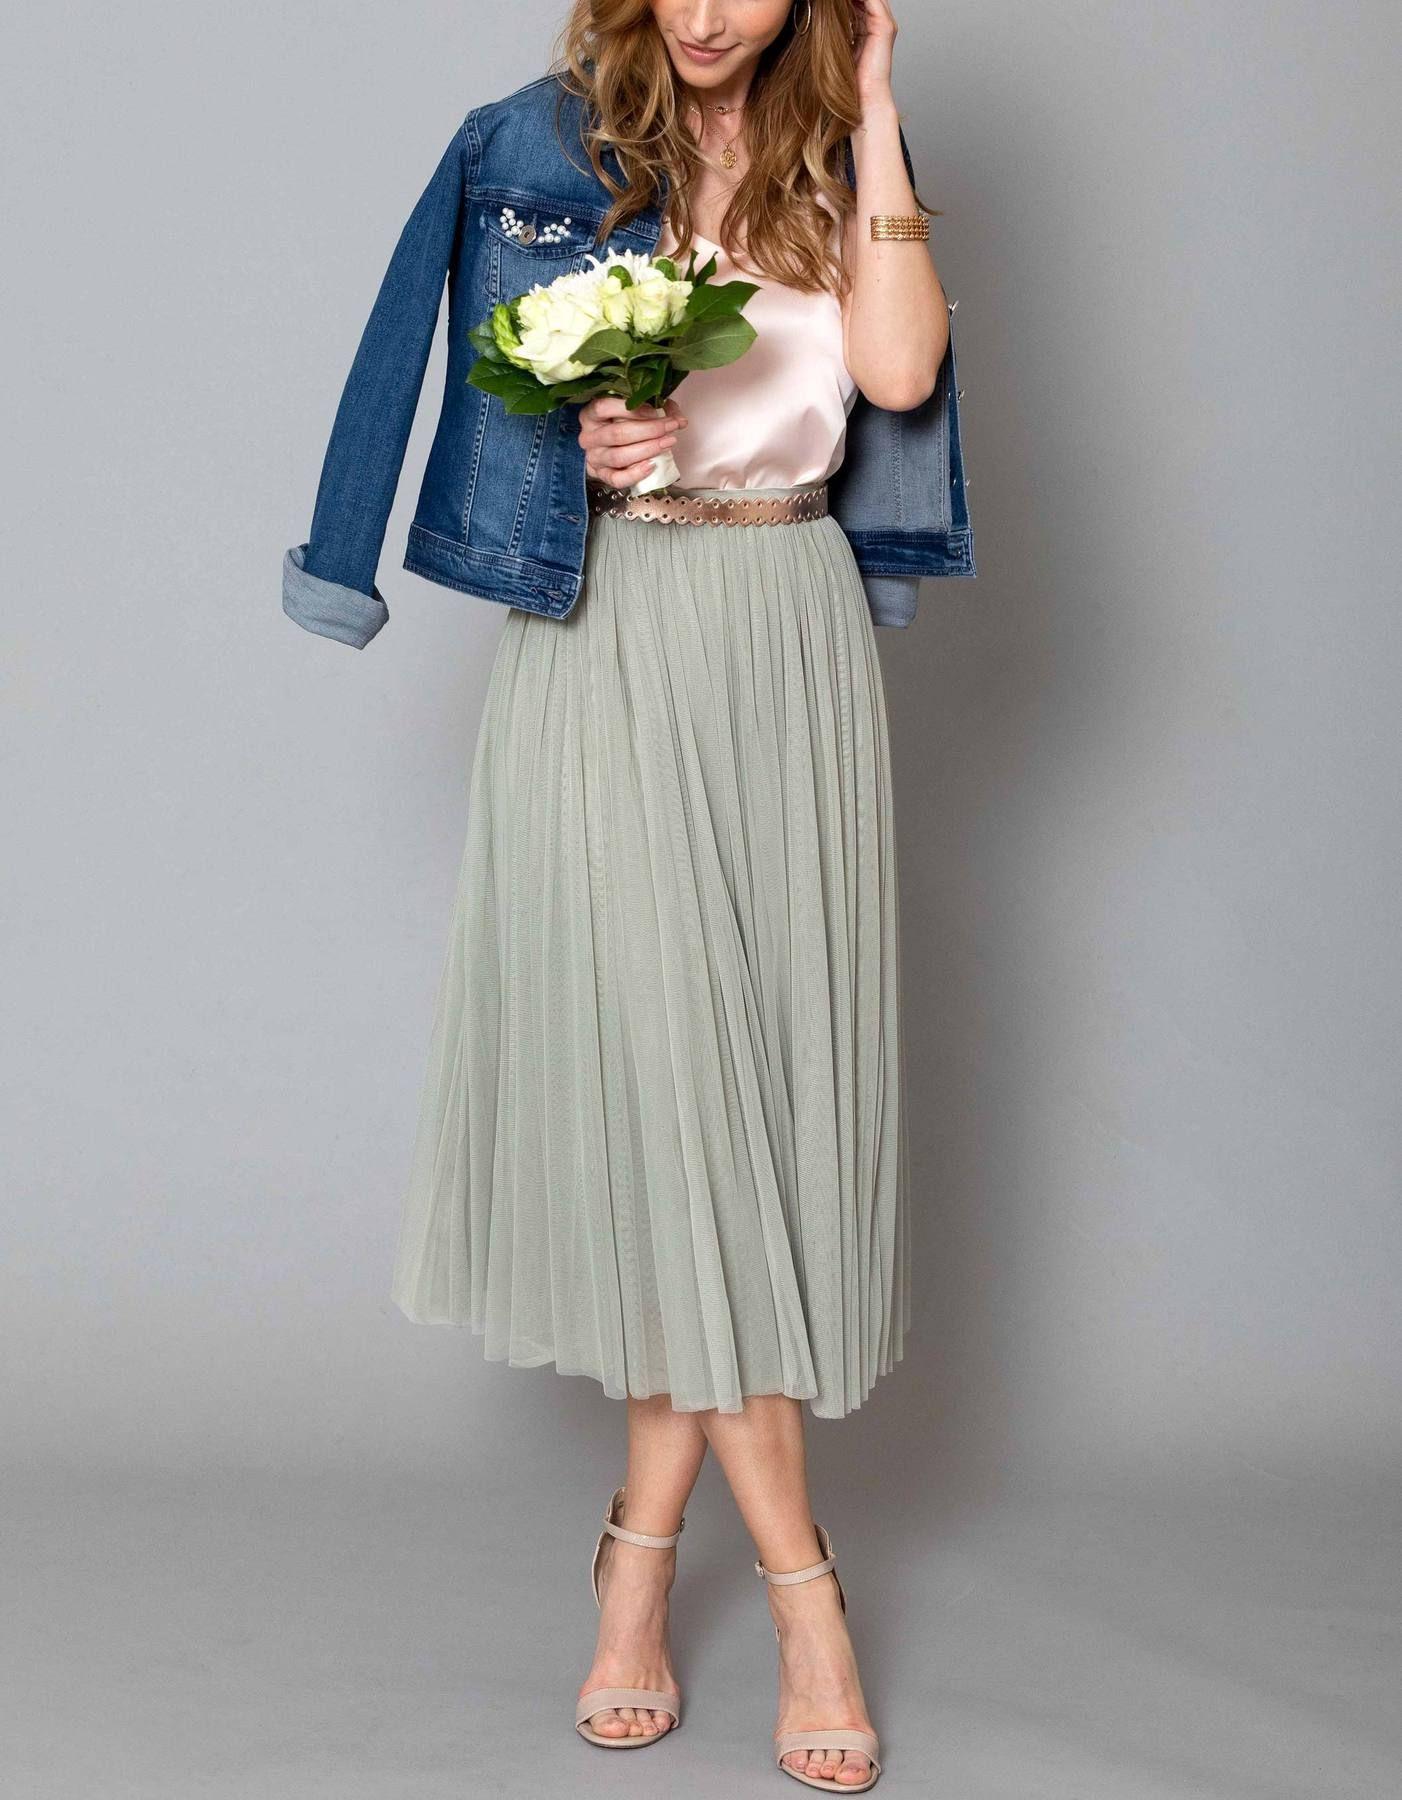 Designer Luxurius Kleid Hochzeitsgast Grün GalerieFormal Leicht Kleid Hochzeitsgast Grün Design